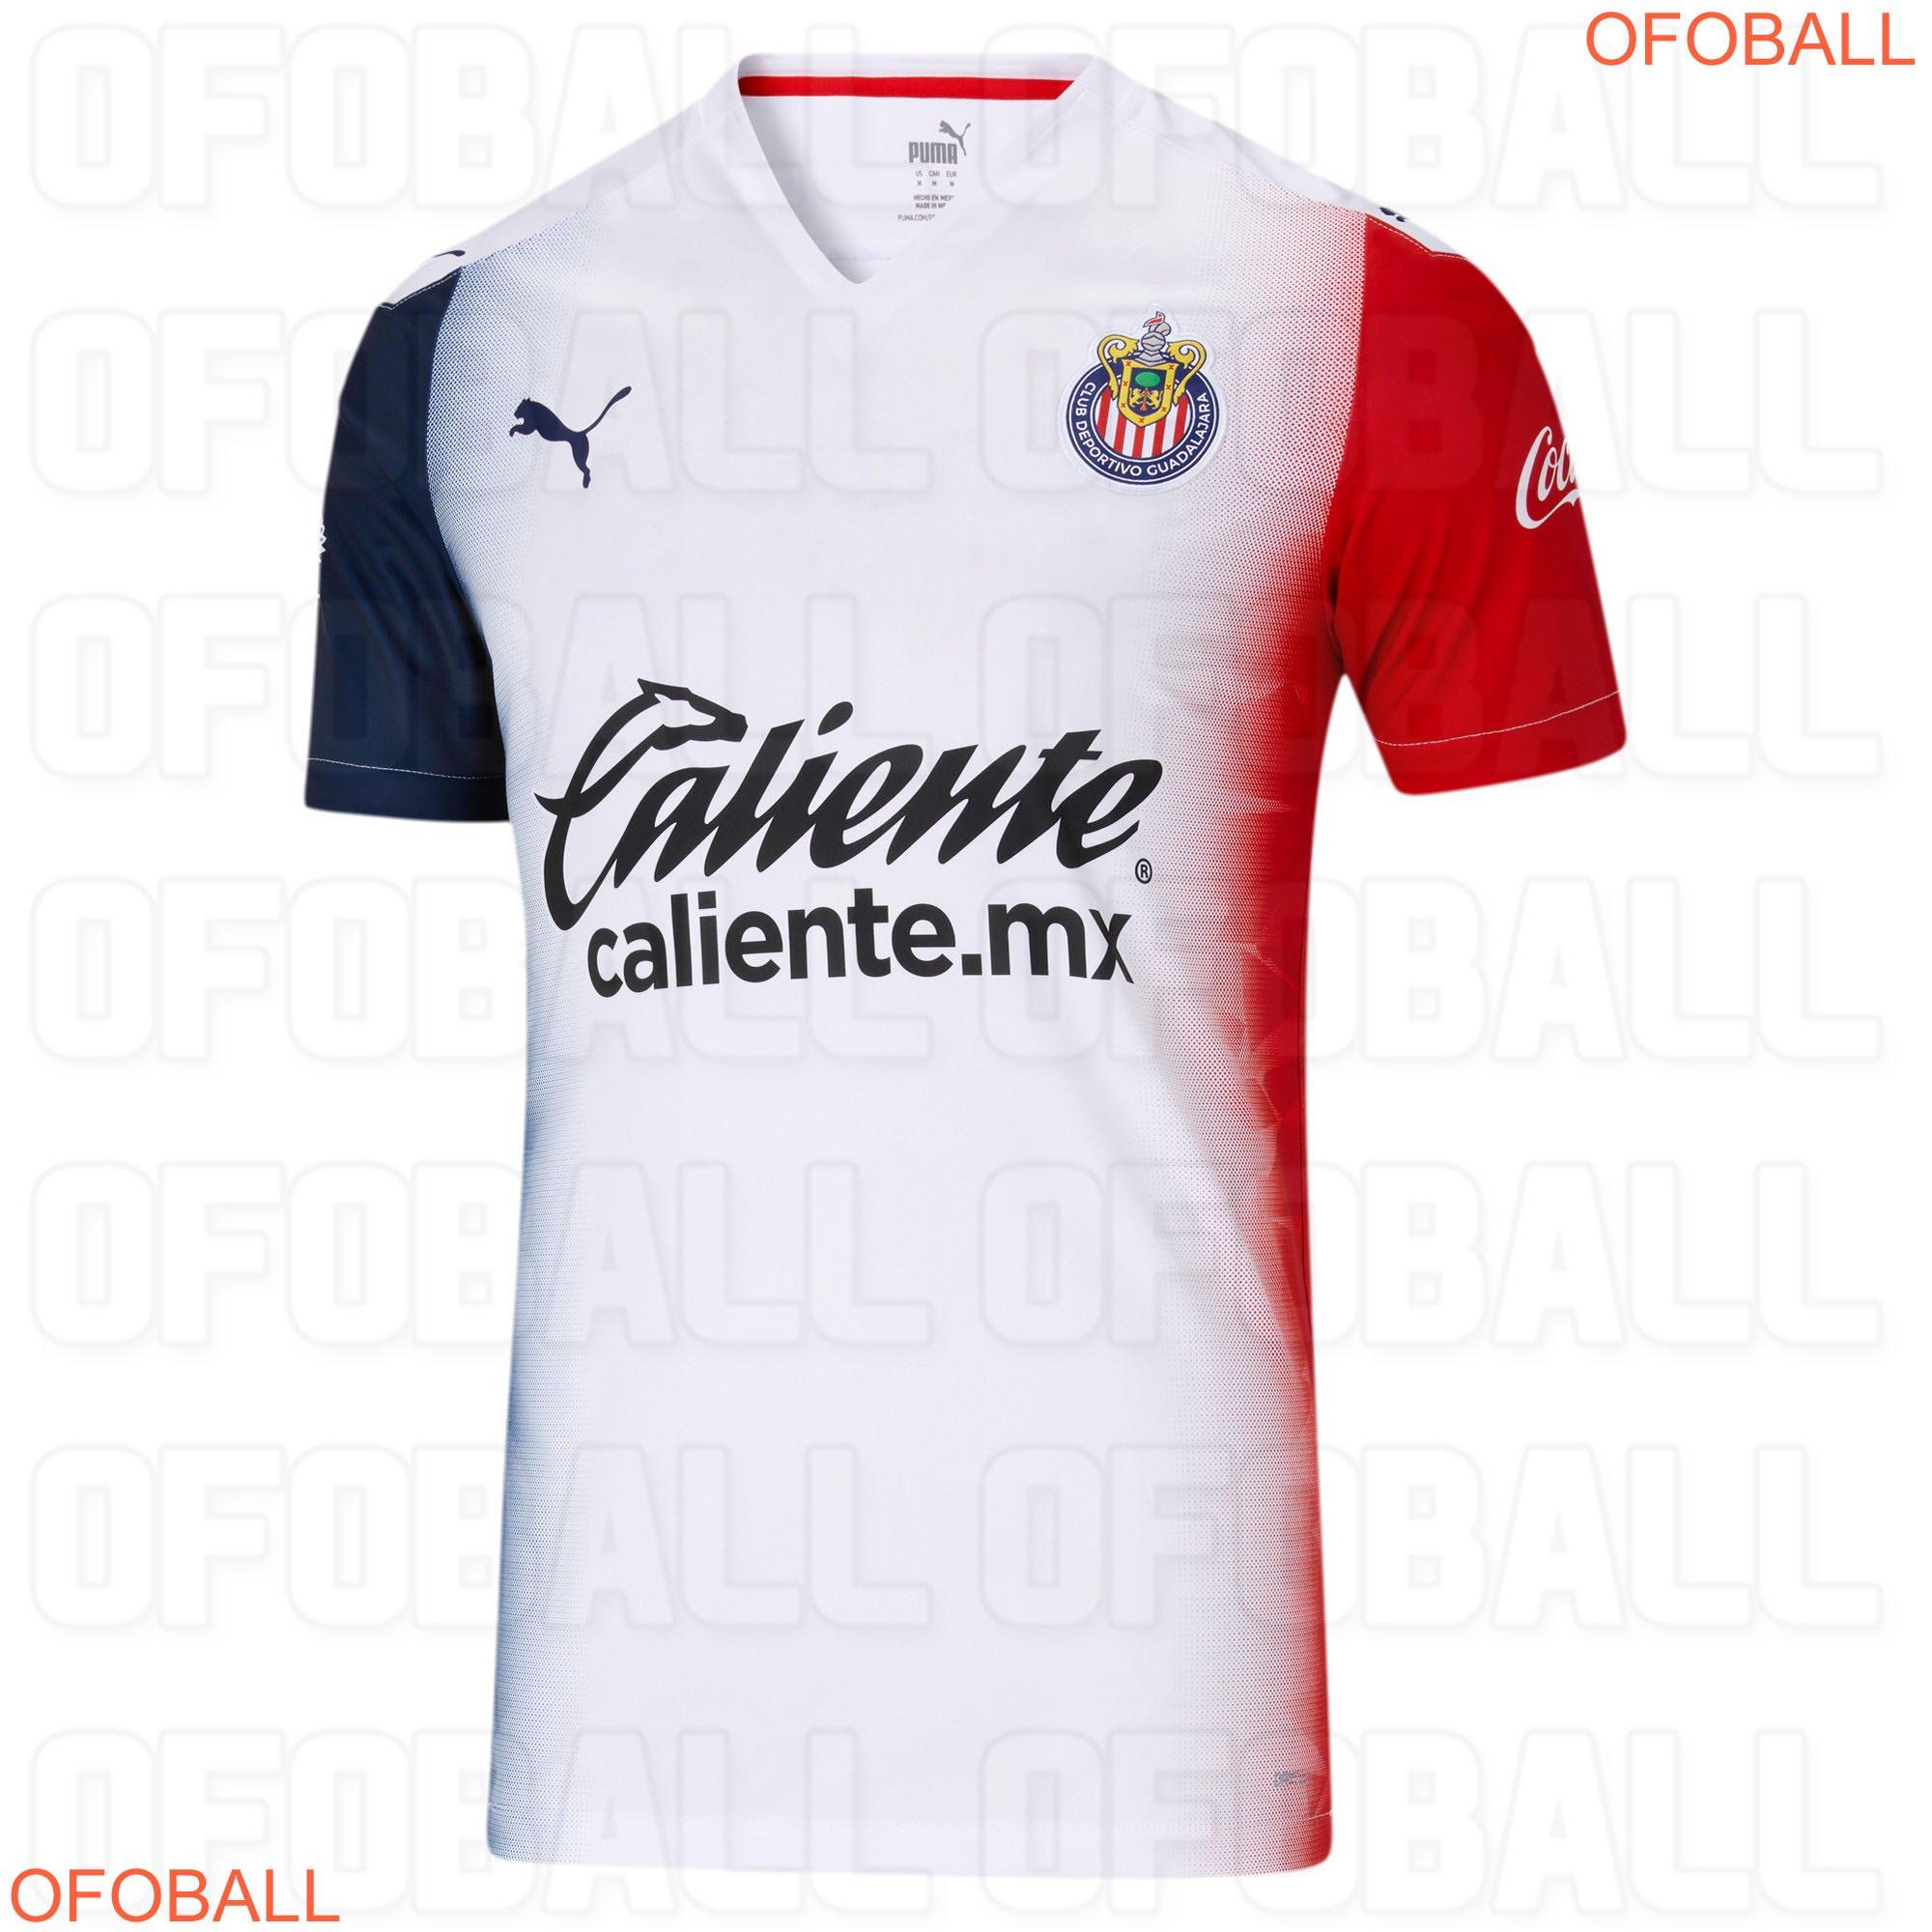 Único y polémico: Este sería el jersey de Chivas como visitante para el Apertura 2020